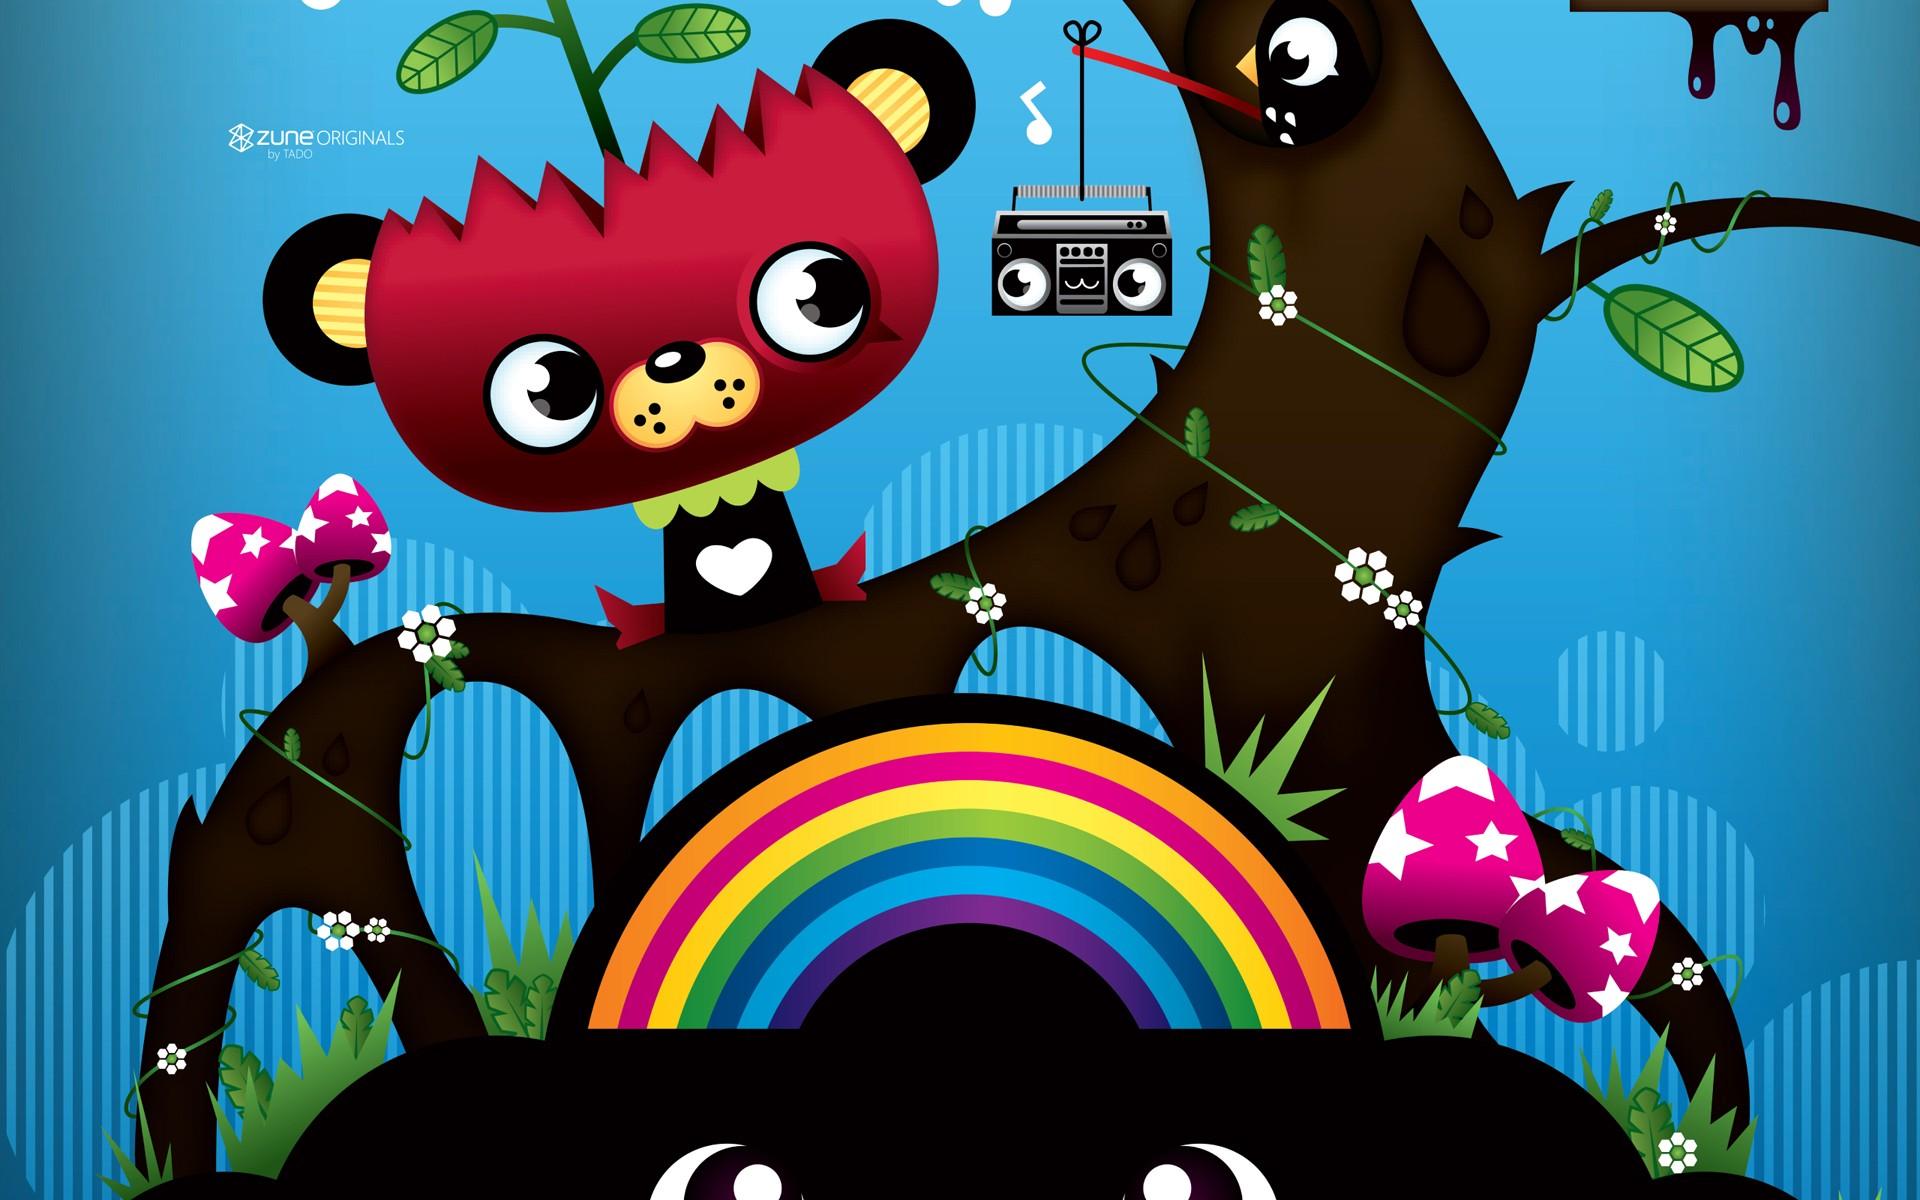 wallpaper colorful illustration digital art fantasy art